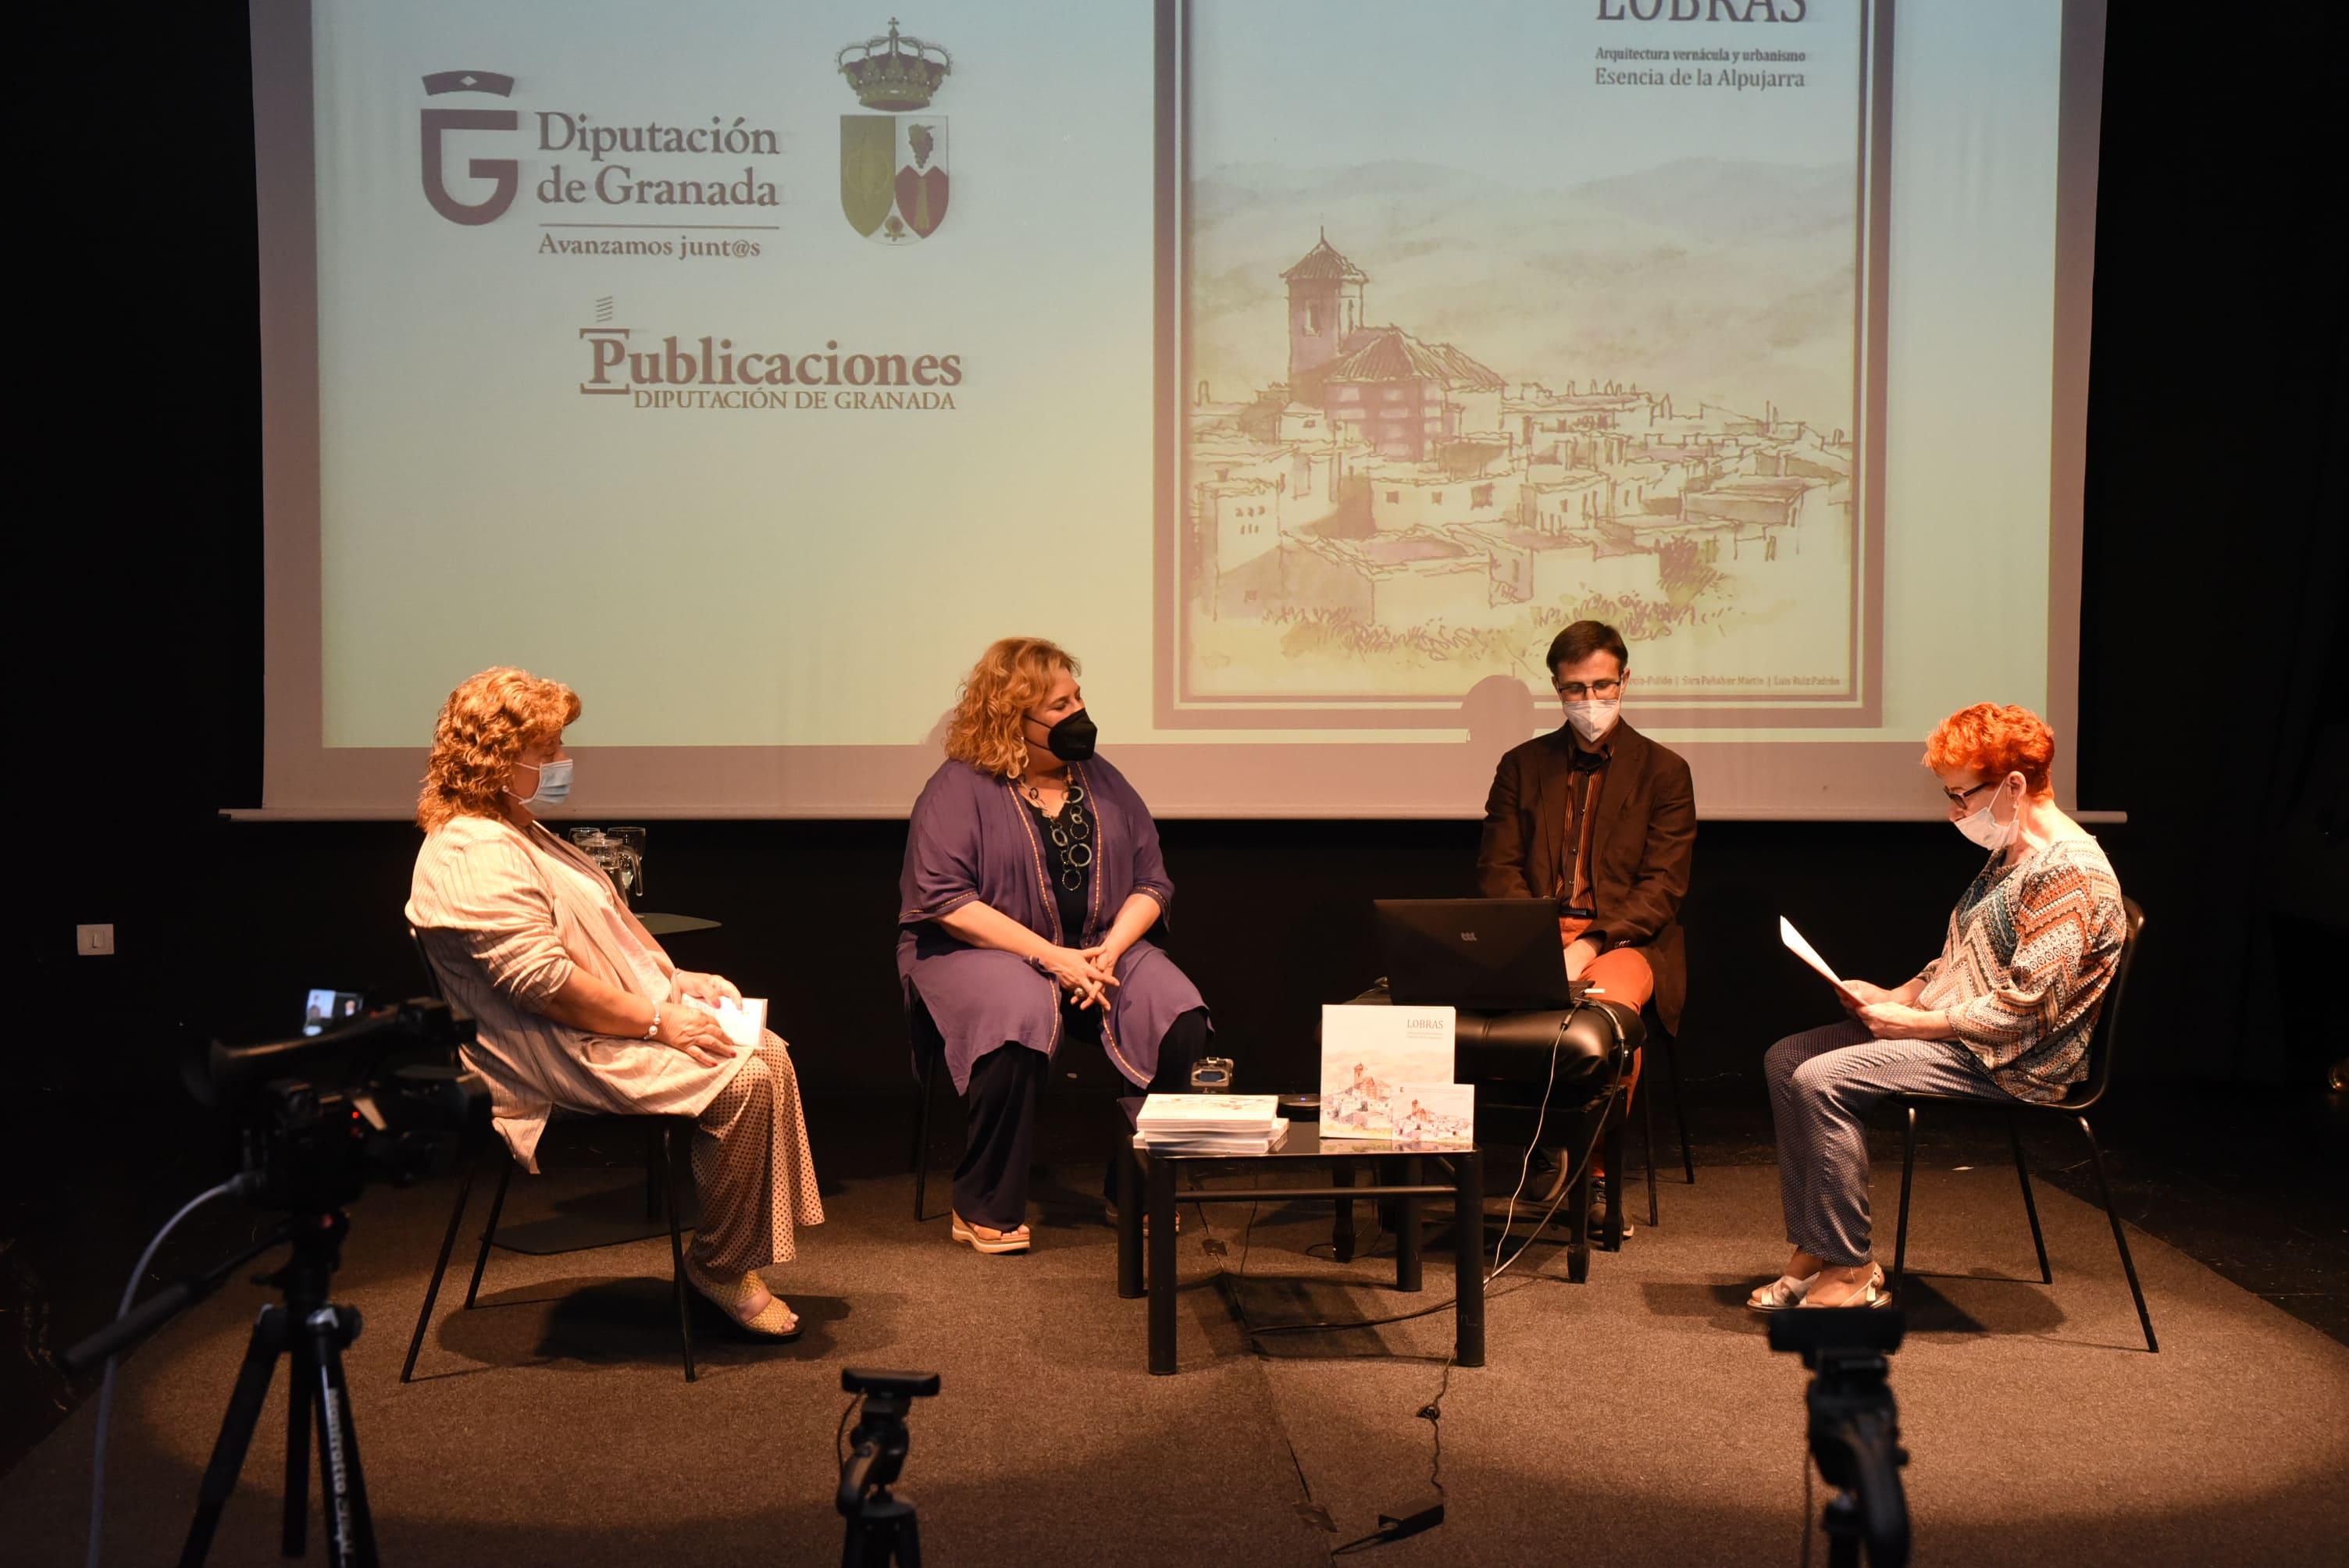 Un libro documenta y analiza el patrimonio urbanístico y arquitectónico de Lobras